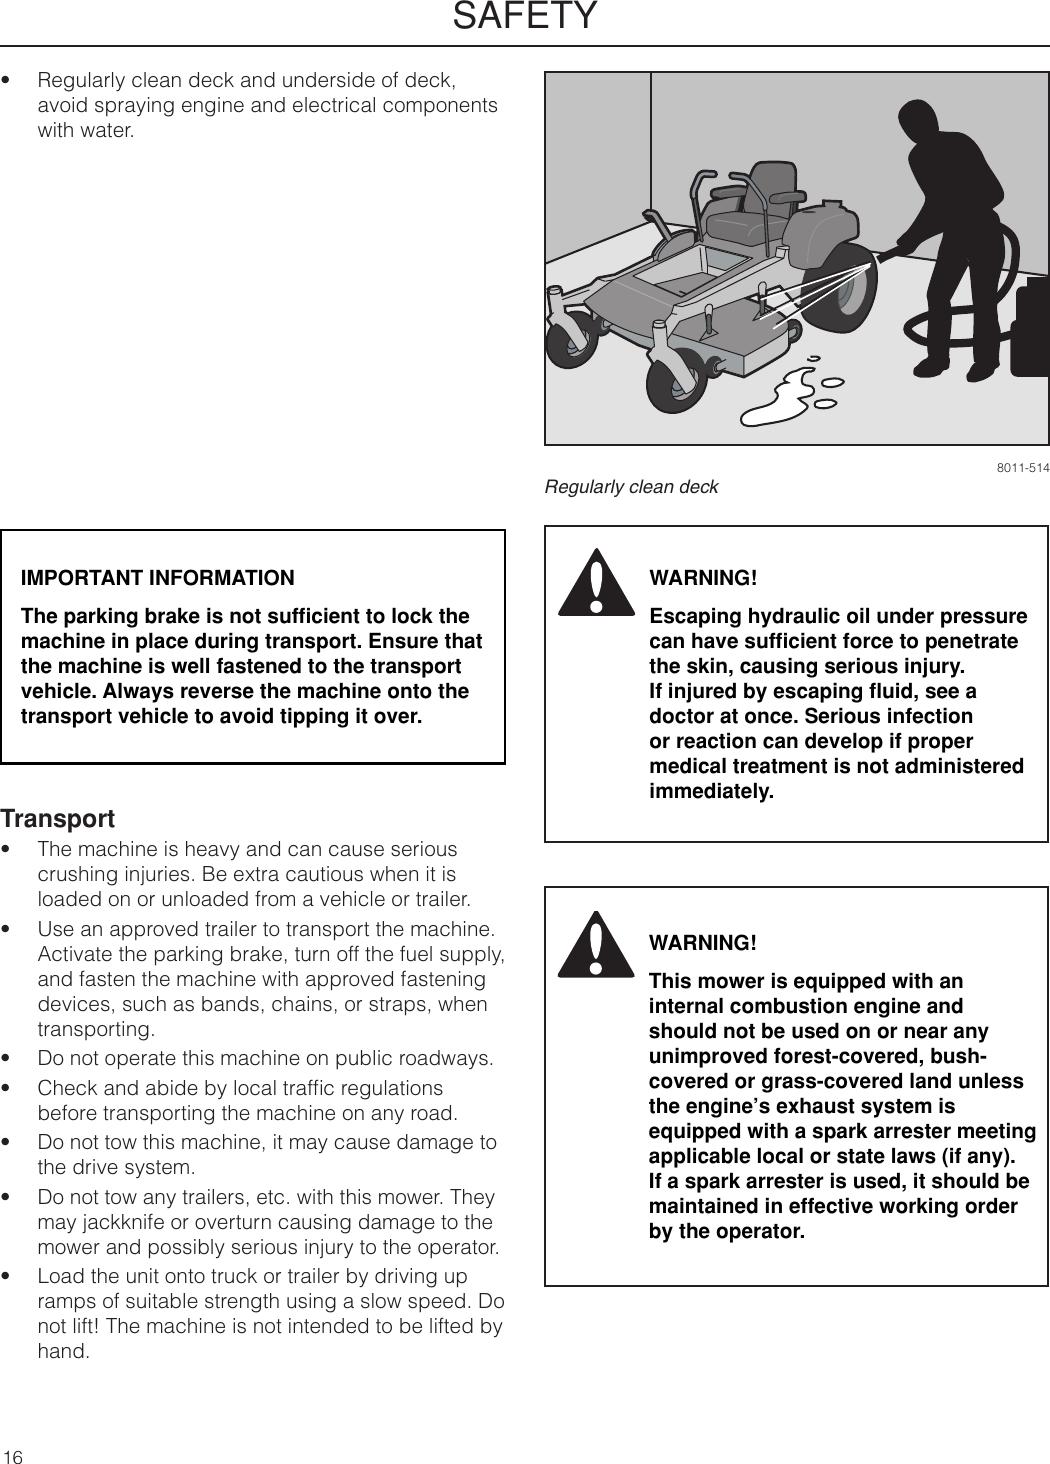 Dixon 966043101 Users Manual OM, SPDZTR 30, BF, 2009 09, 966043101